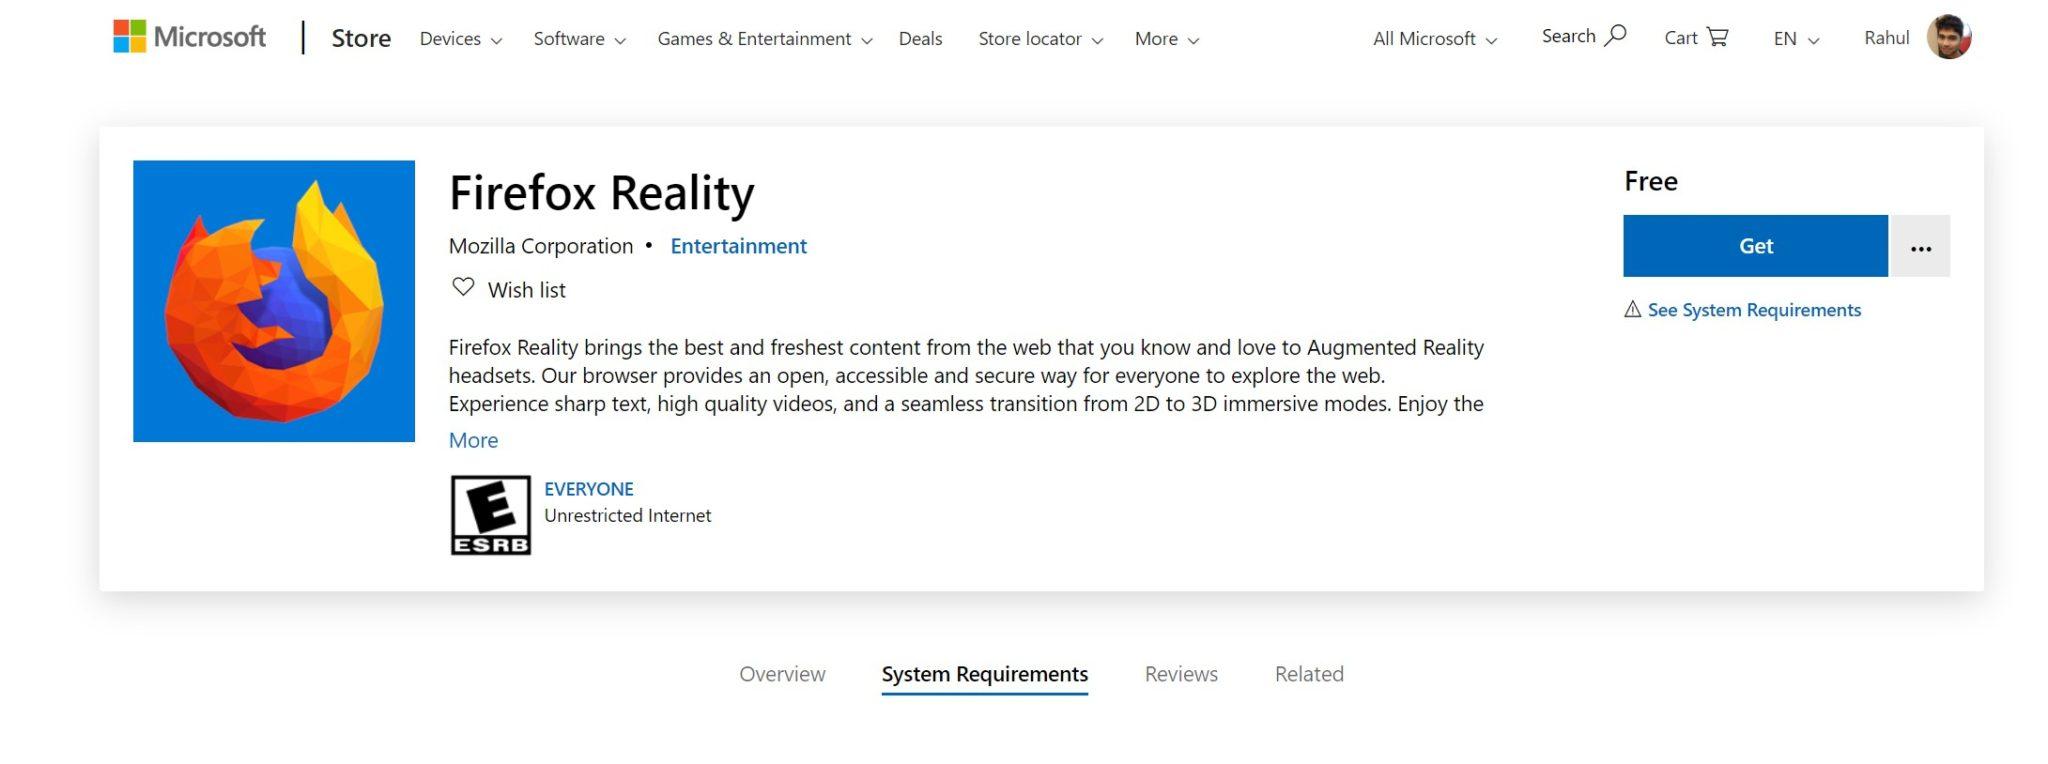 مرورگر جدید فایرفاکس ریلیتی برای کامپیوترهای ویندوزی با قابلیت واقعیت مجازی عرضه شد